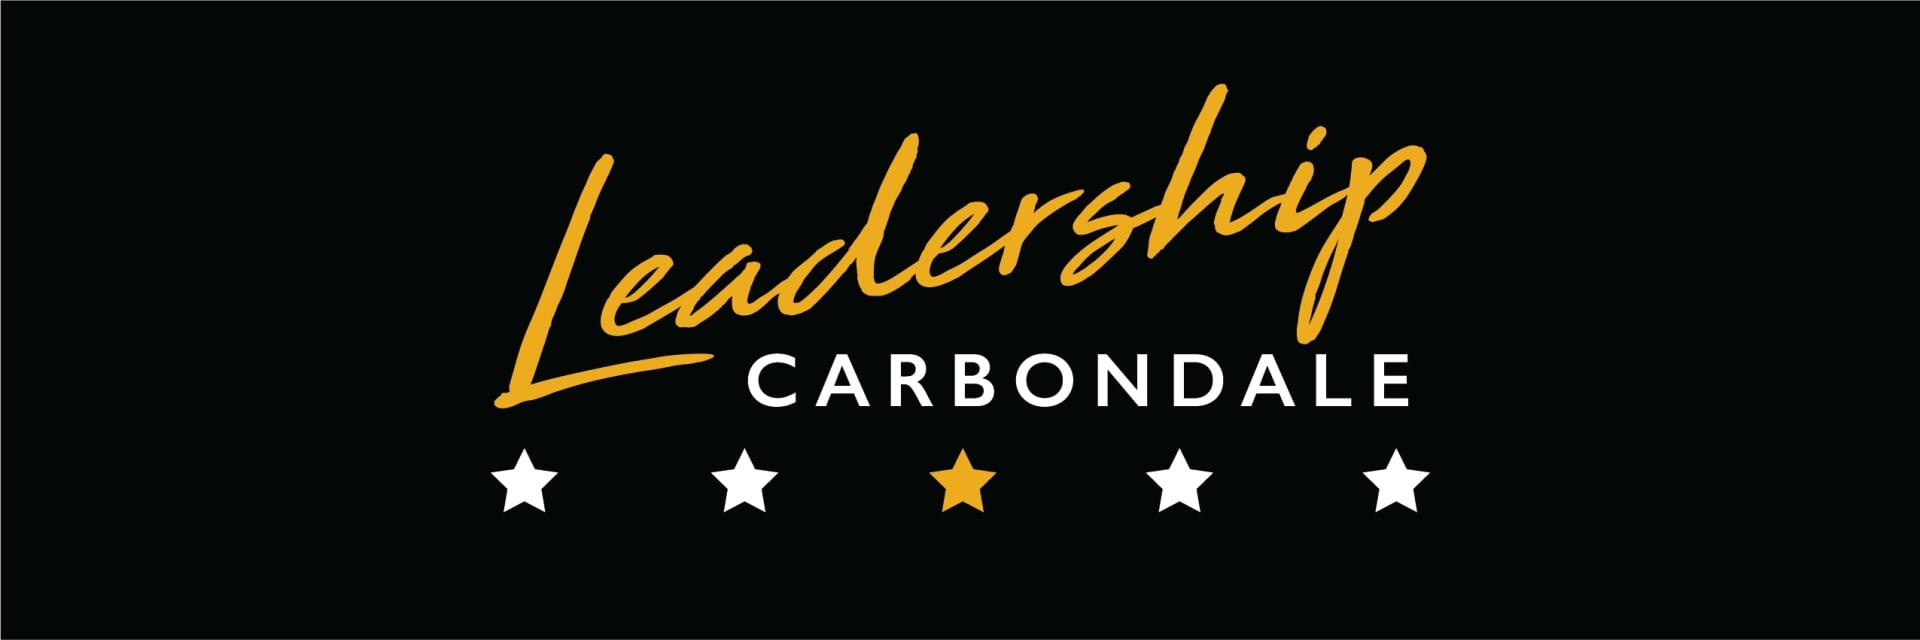 Leadership-Carbondale_WebBanner-w500.jpg